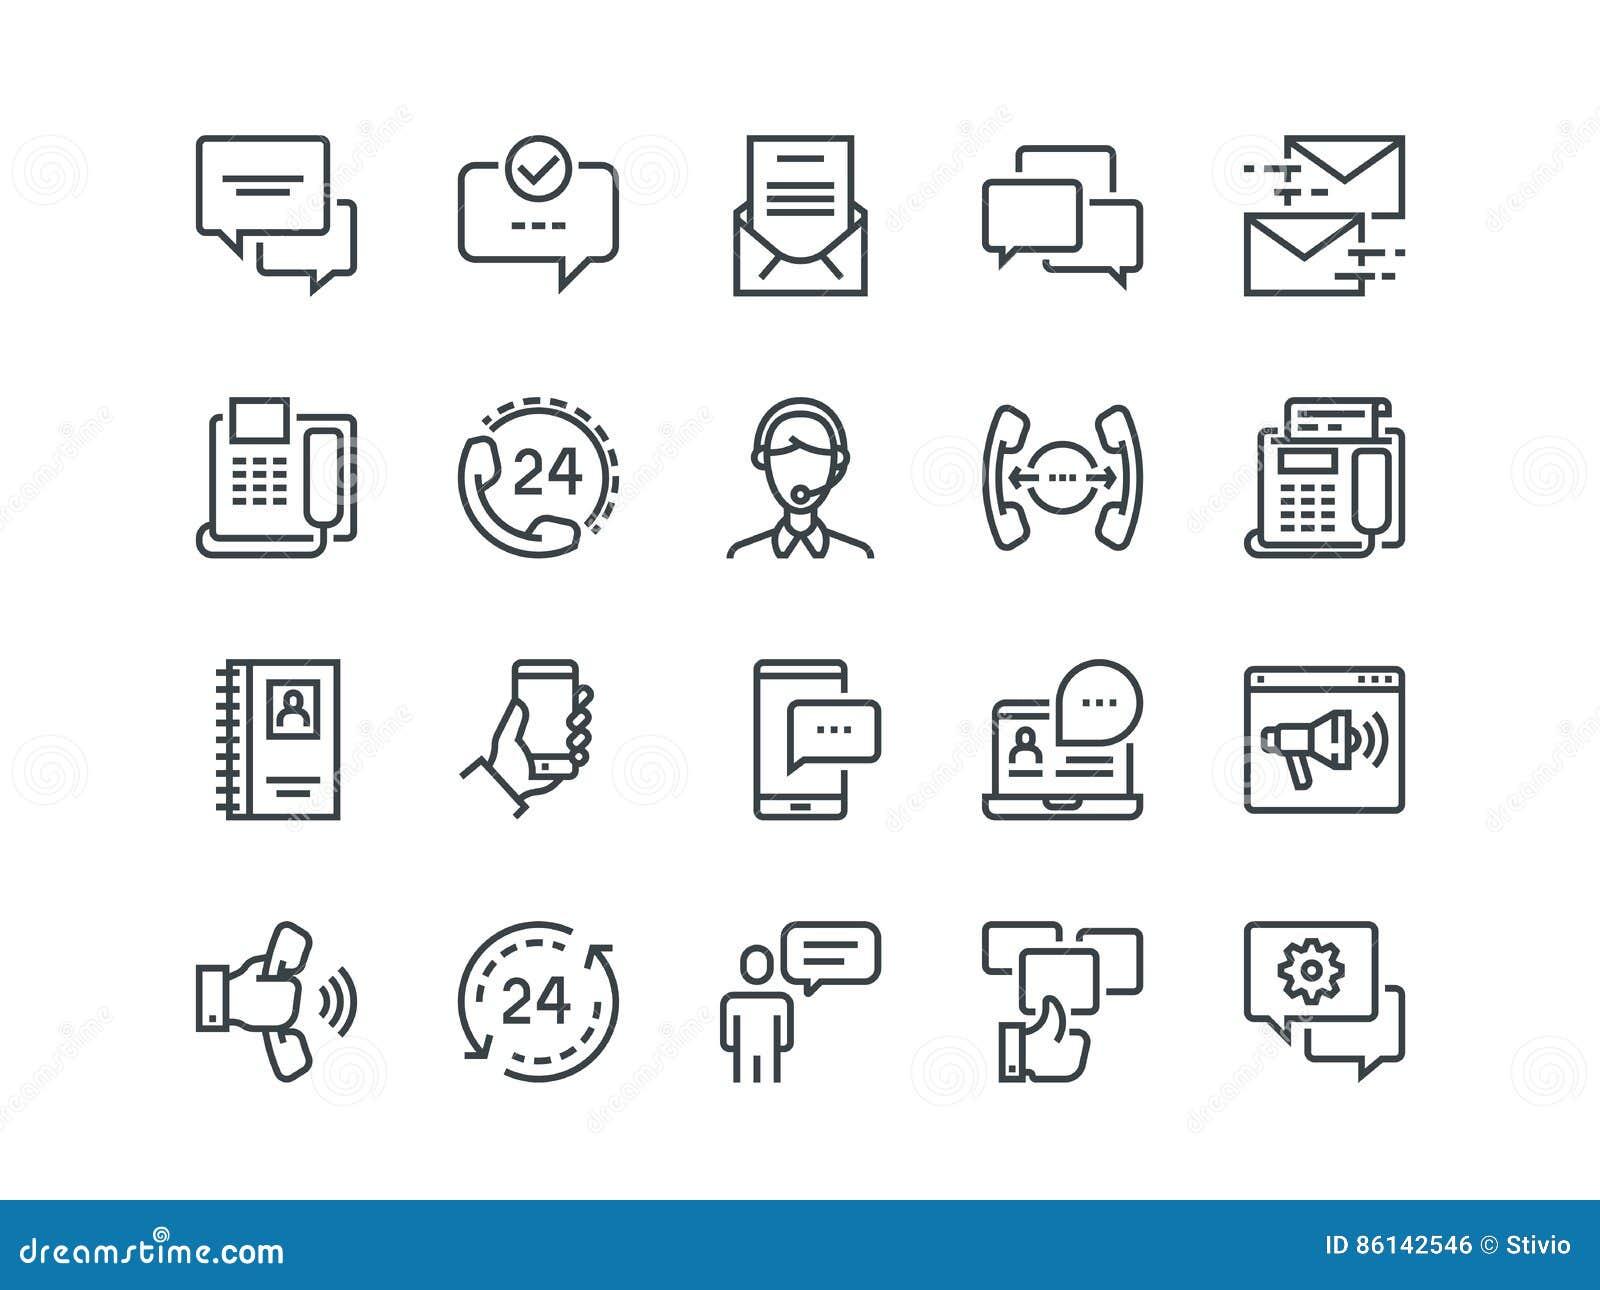 Kommunikation Satz Entwurfsvektorikonen Schließt wie Telefon-Anrufe, Videochat, on-line-Unterstützung und andere ein